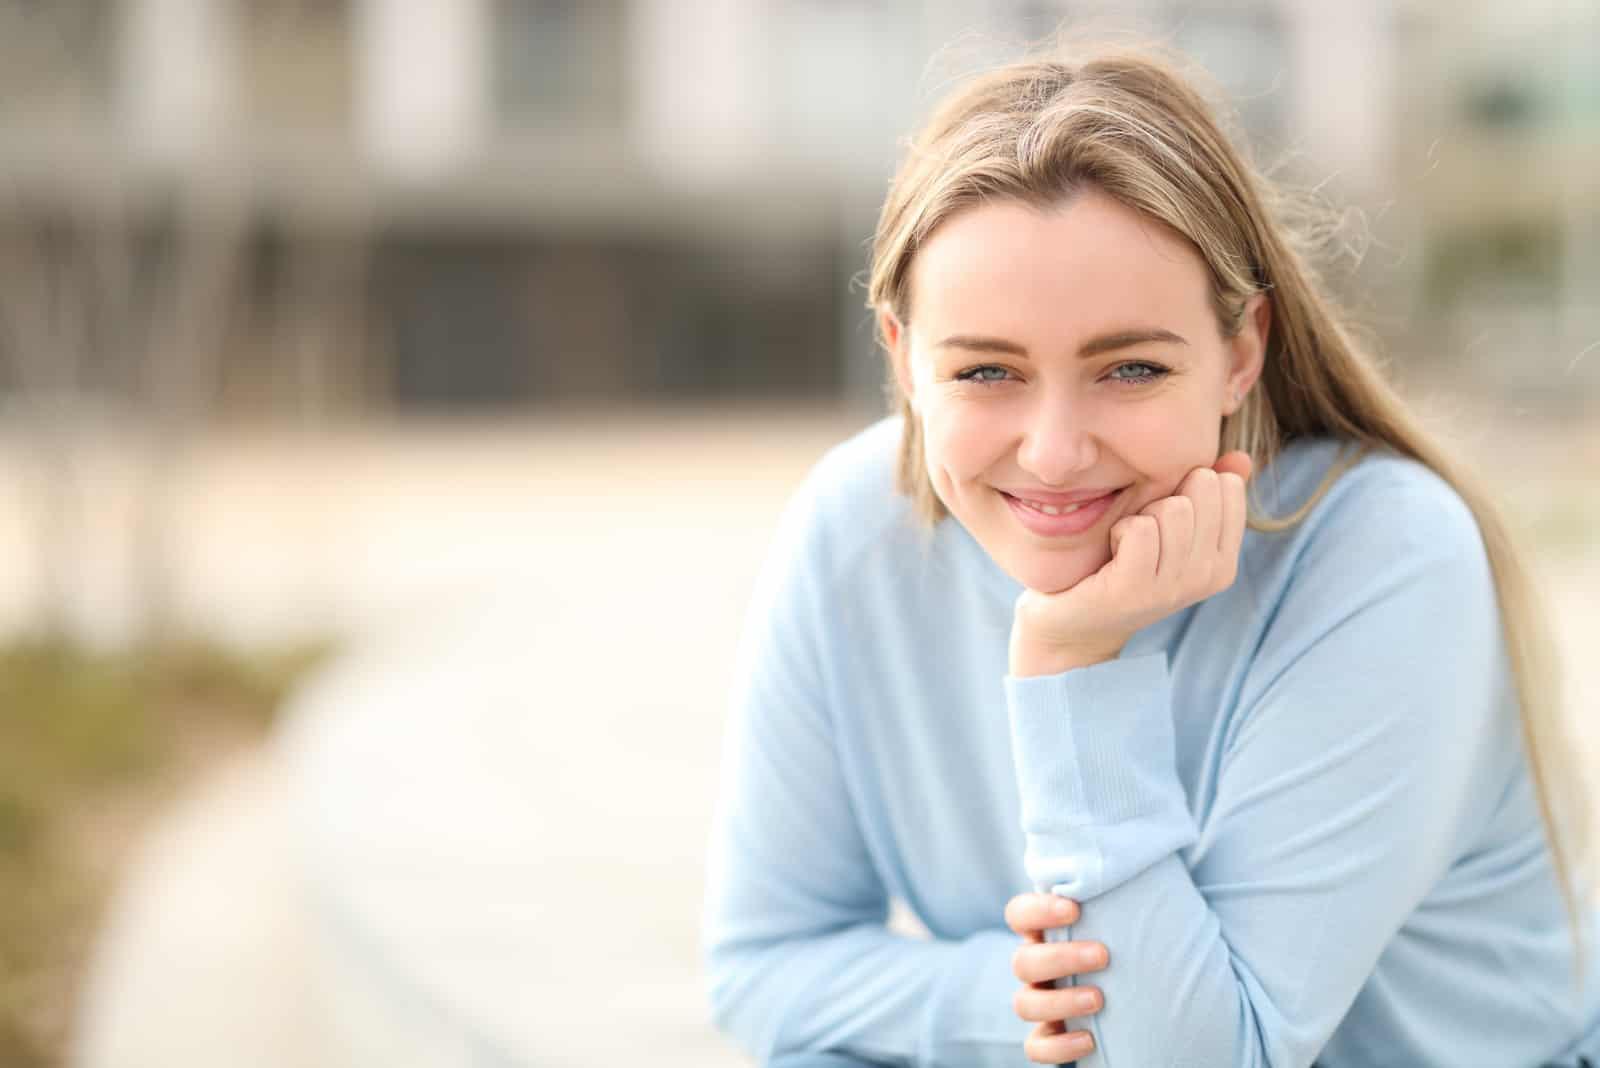 une femme souriante aux longs cheveux blonds